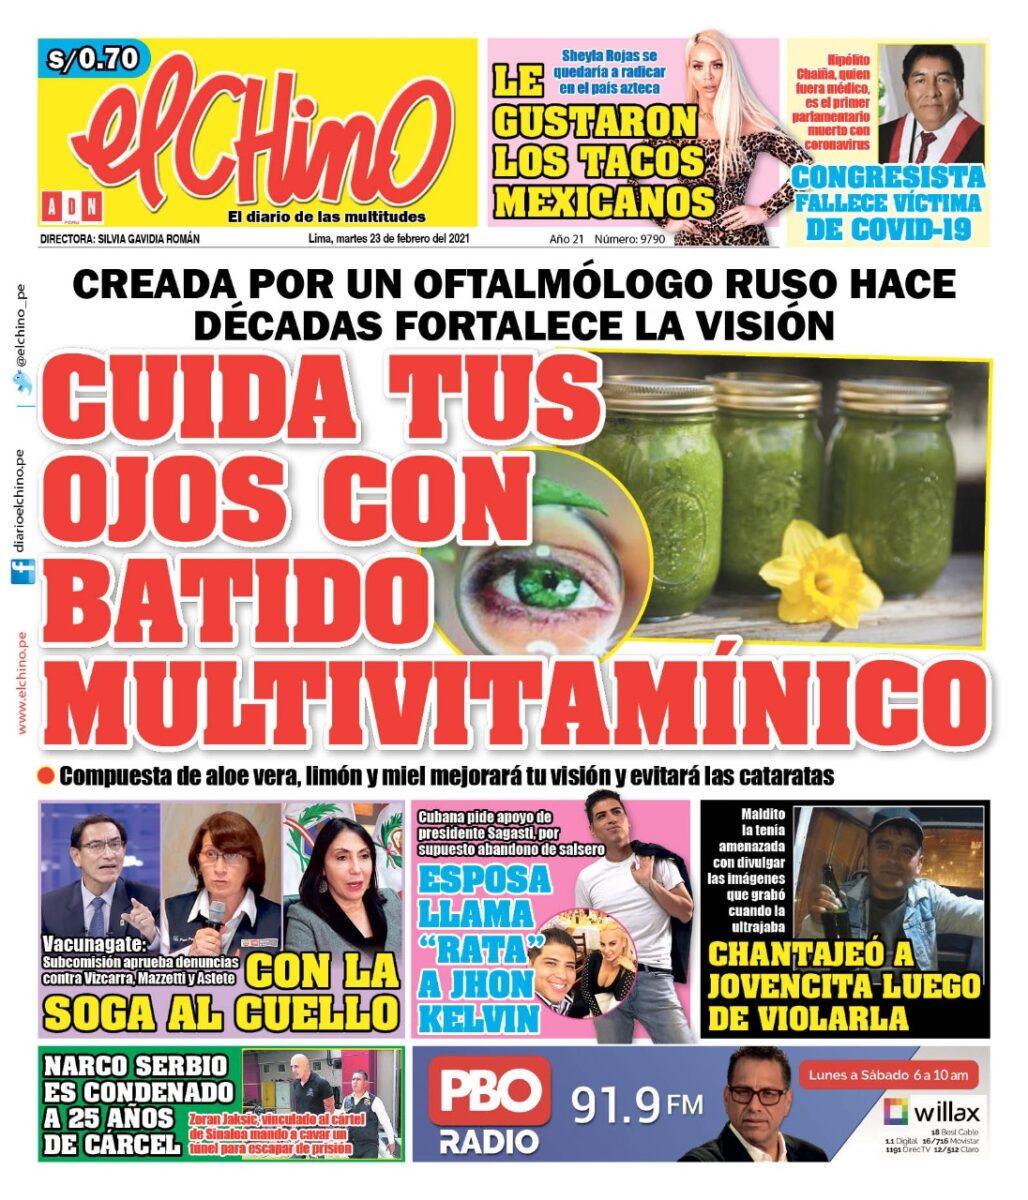 portada-impresa-diario-el-chino-23022021